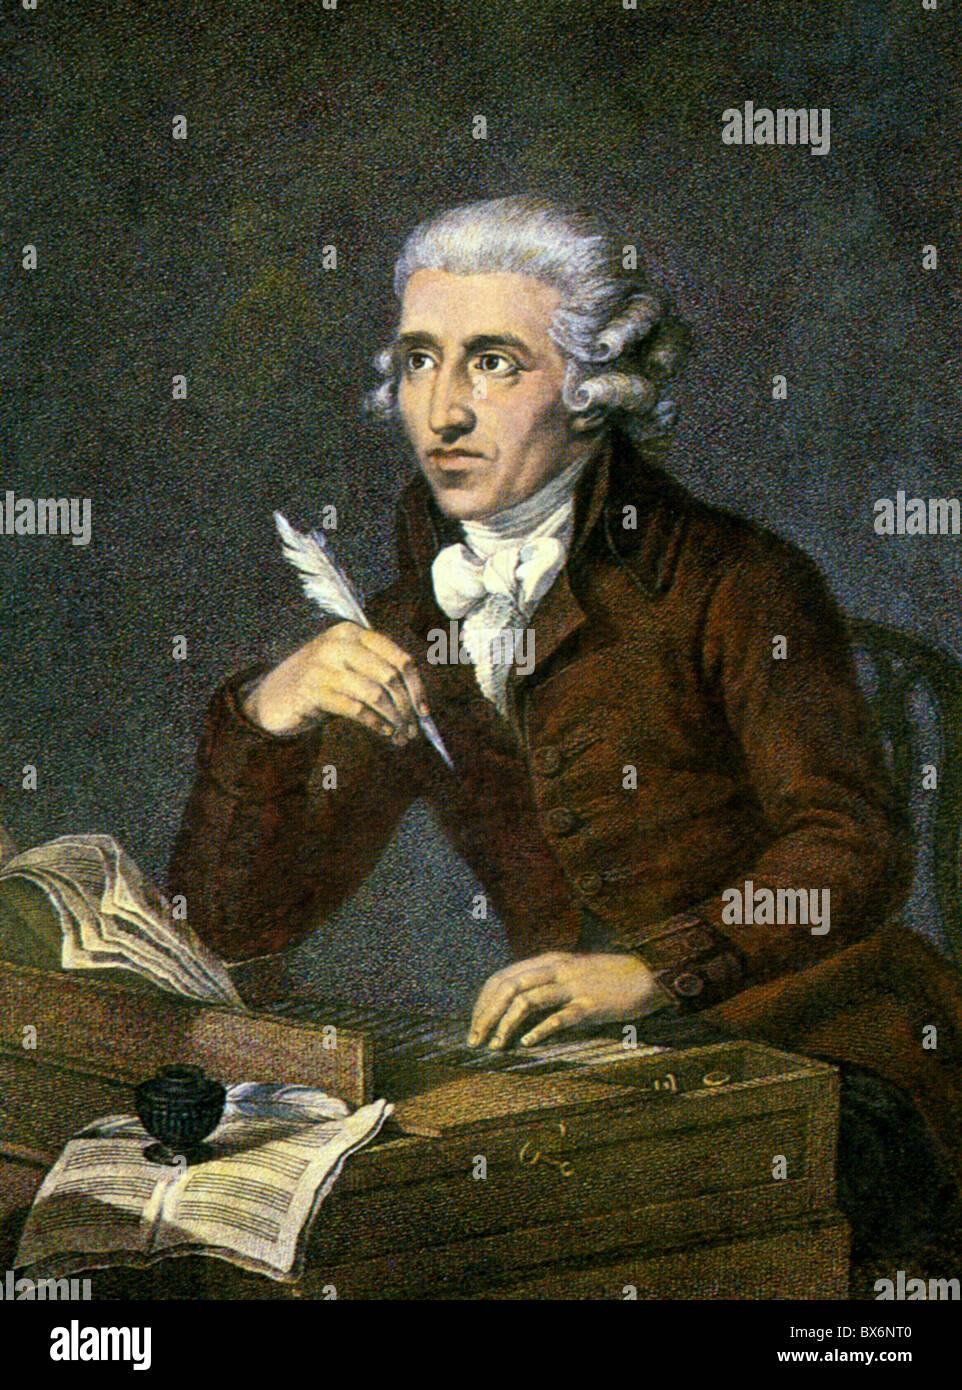 Haydn, Giuseppe, 31.3.1732 - 31.5.1809, il compositore austriaco, a mezza lunghezza e stampa dopo la verniciatura Immagini Stock